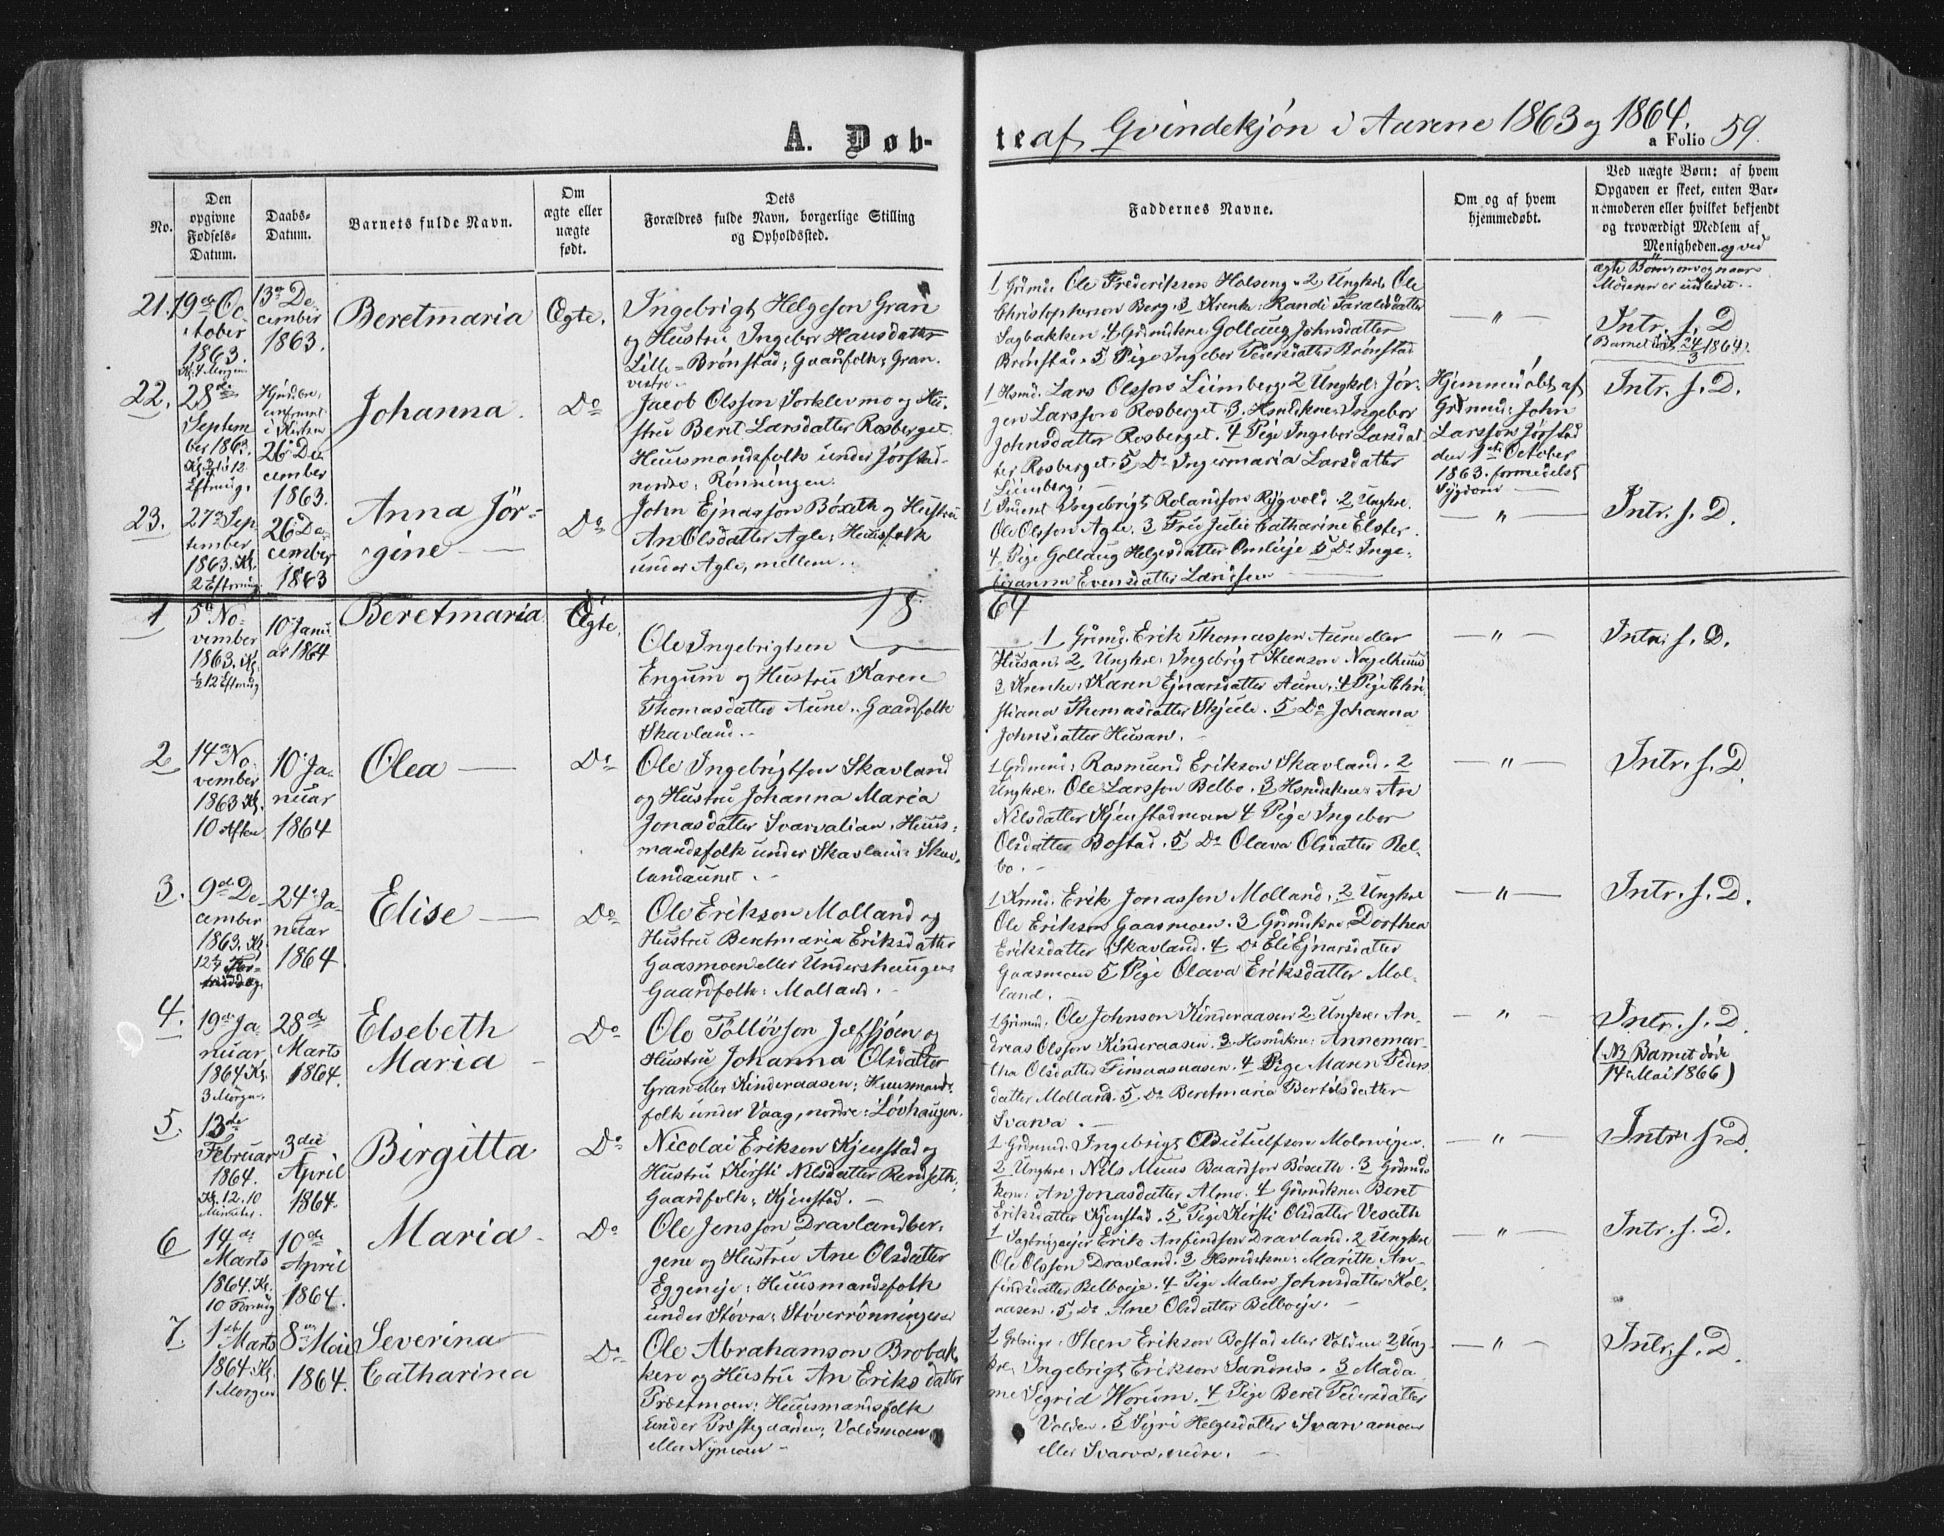 SAT, Ministerialprotokoller, klokkerbøker og fødselsregistre - Nord-Trøndelag, 749/L0472: Ministerialbok nr. 749A06, 1857-1873, s. 59